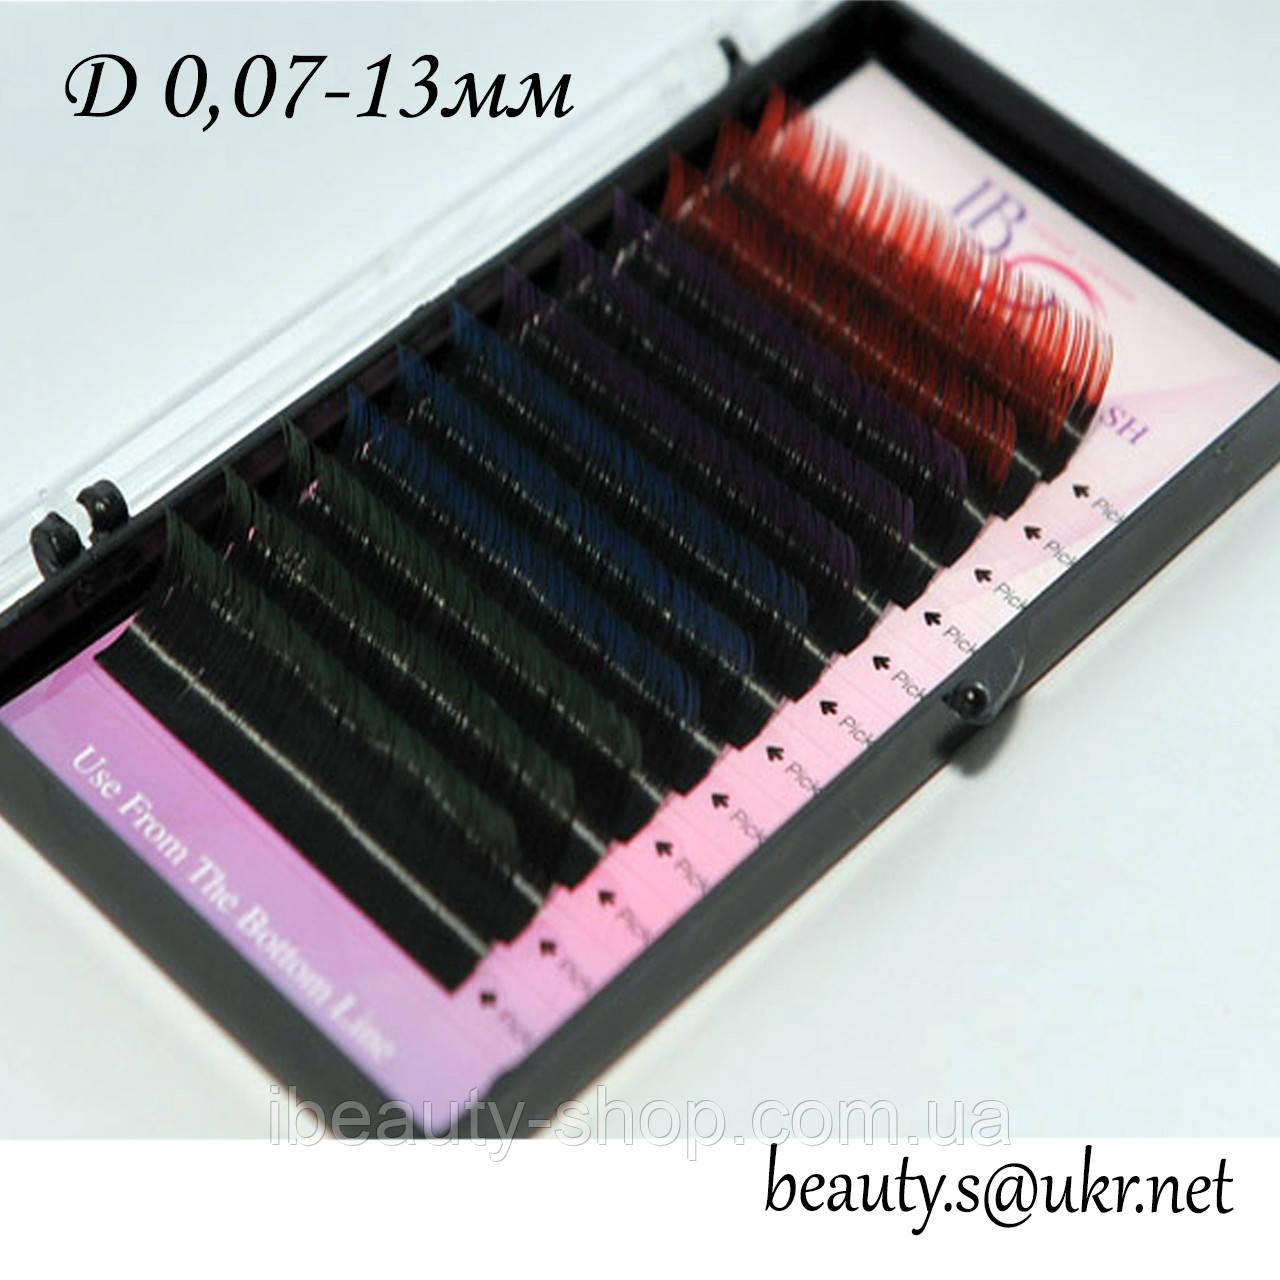 Ресницы I-Beauty, Д 0,07-13мм,цветные концы,4 цвета